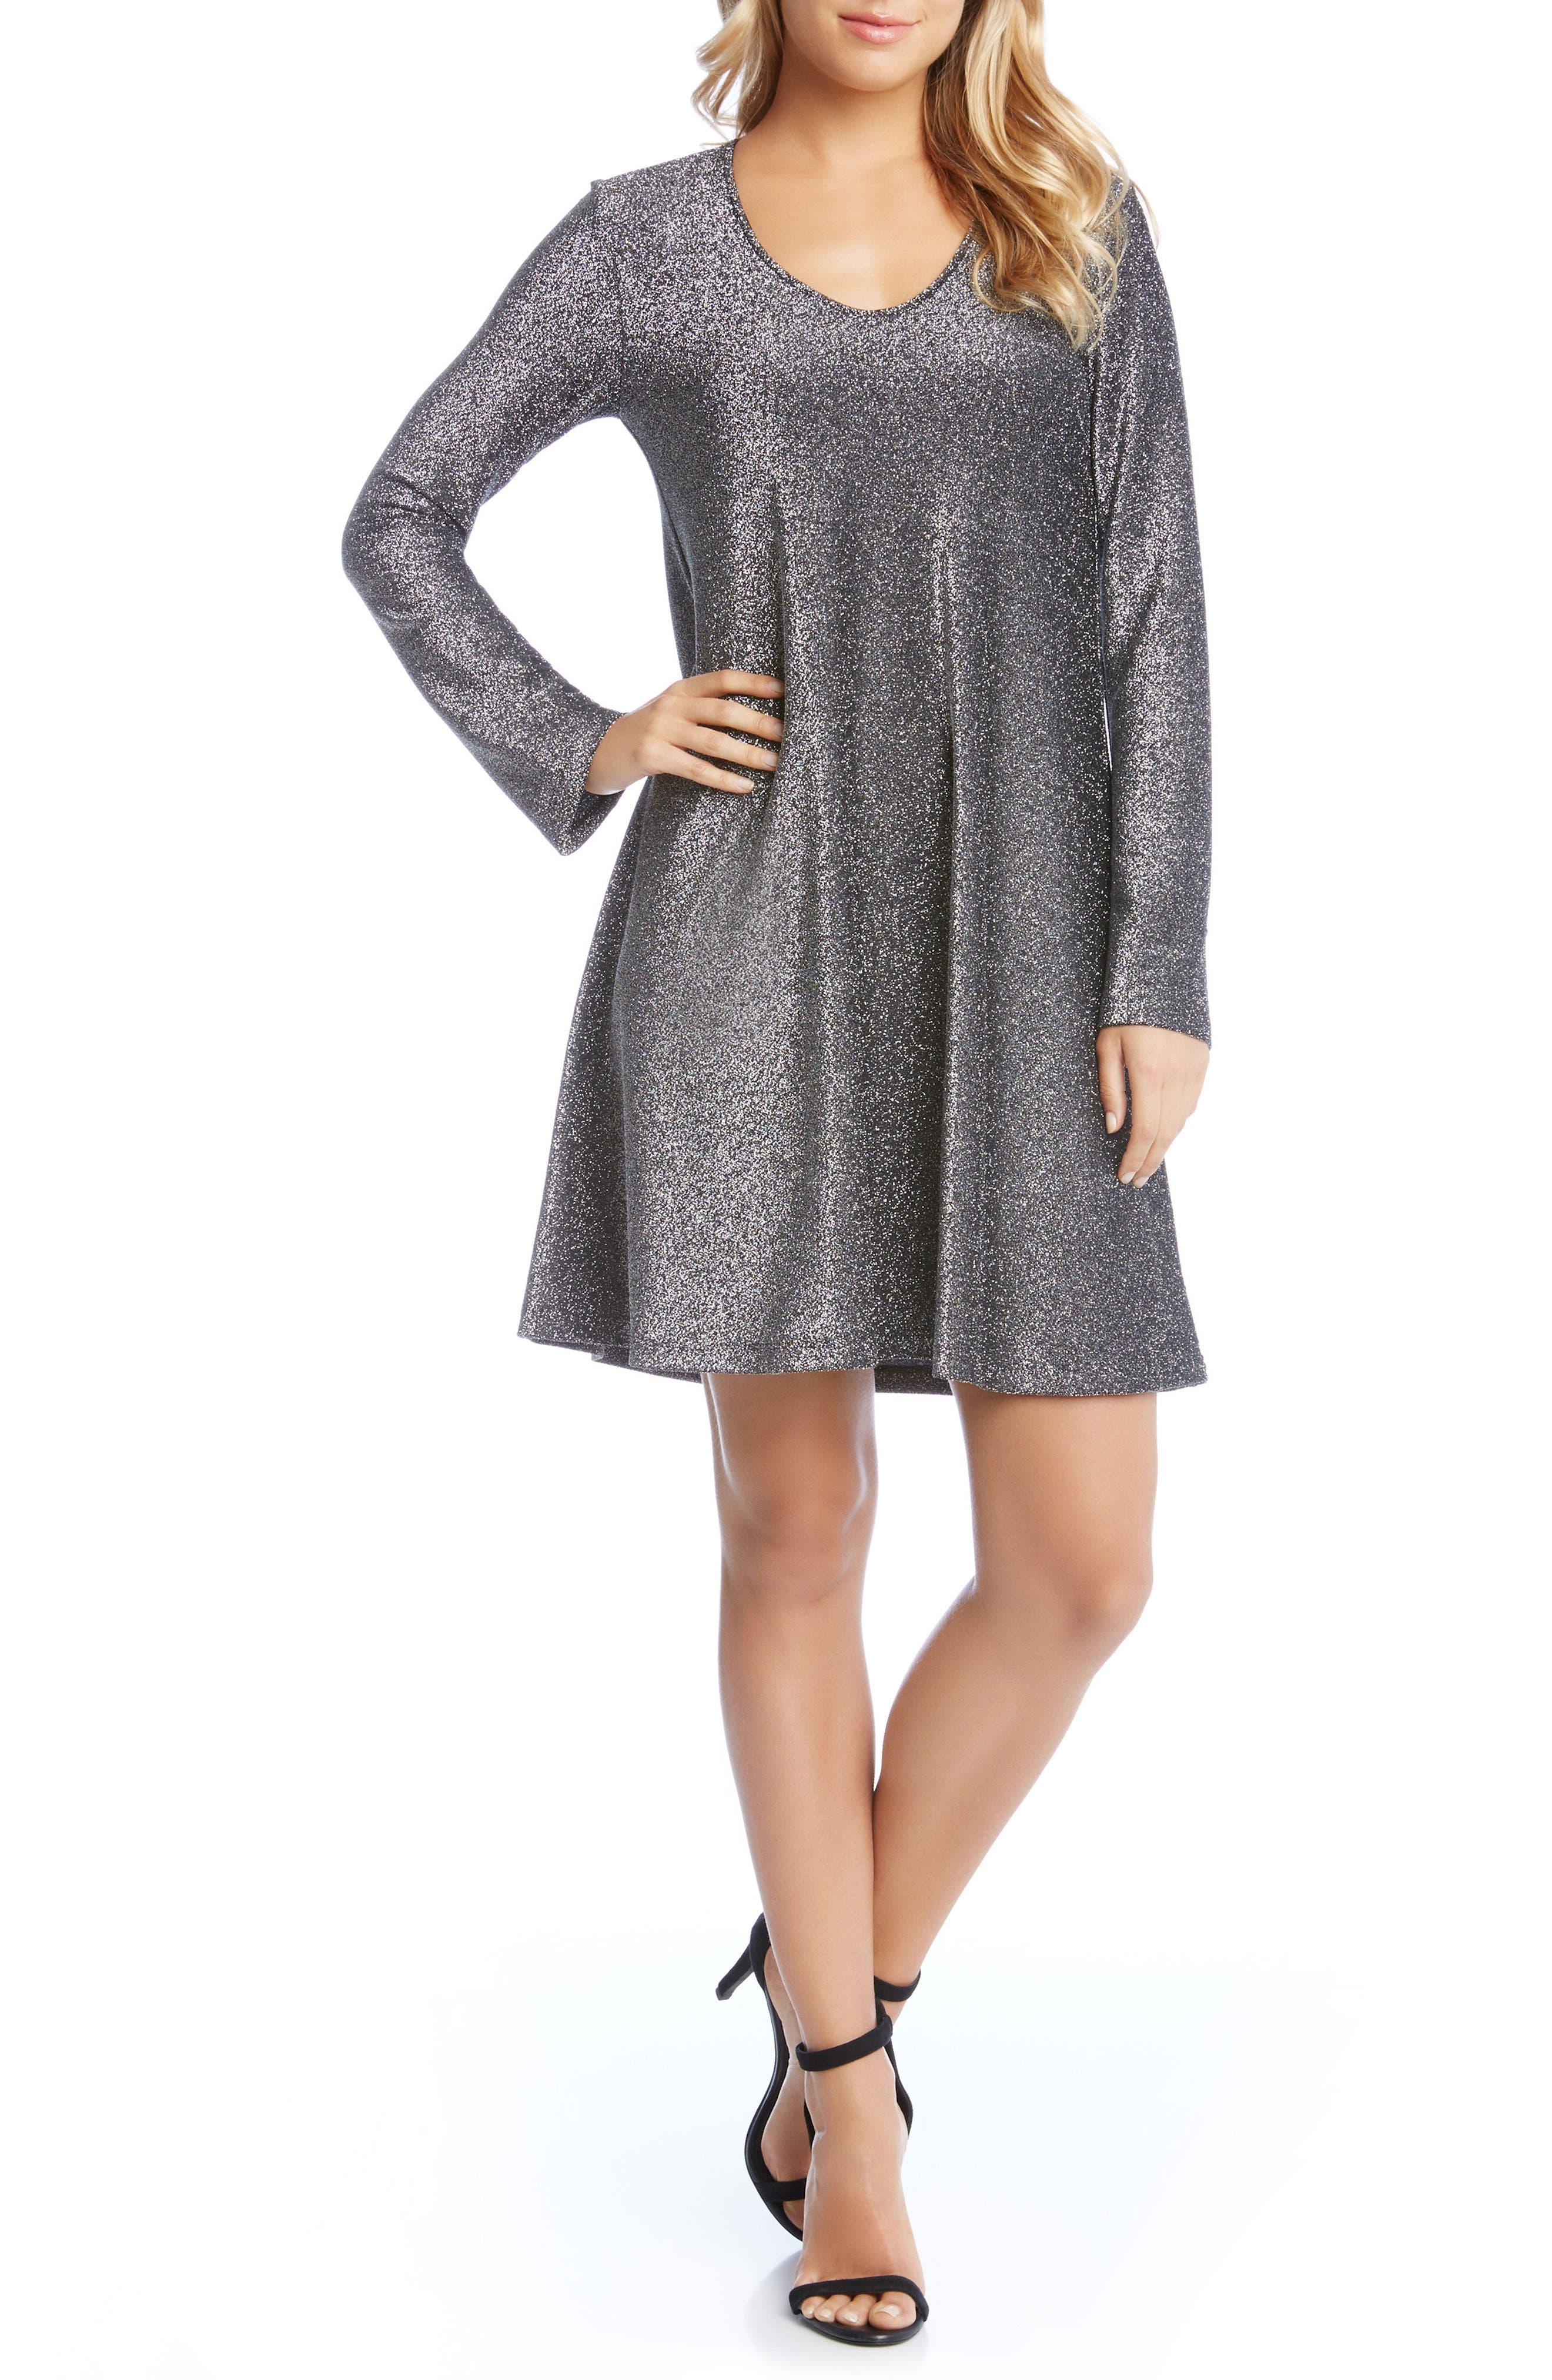 Taylor Sparkle A-Line Dress,                             Main thumbnail 1, color,